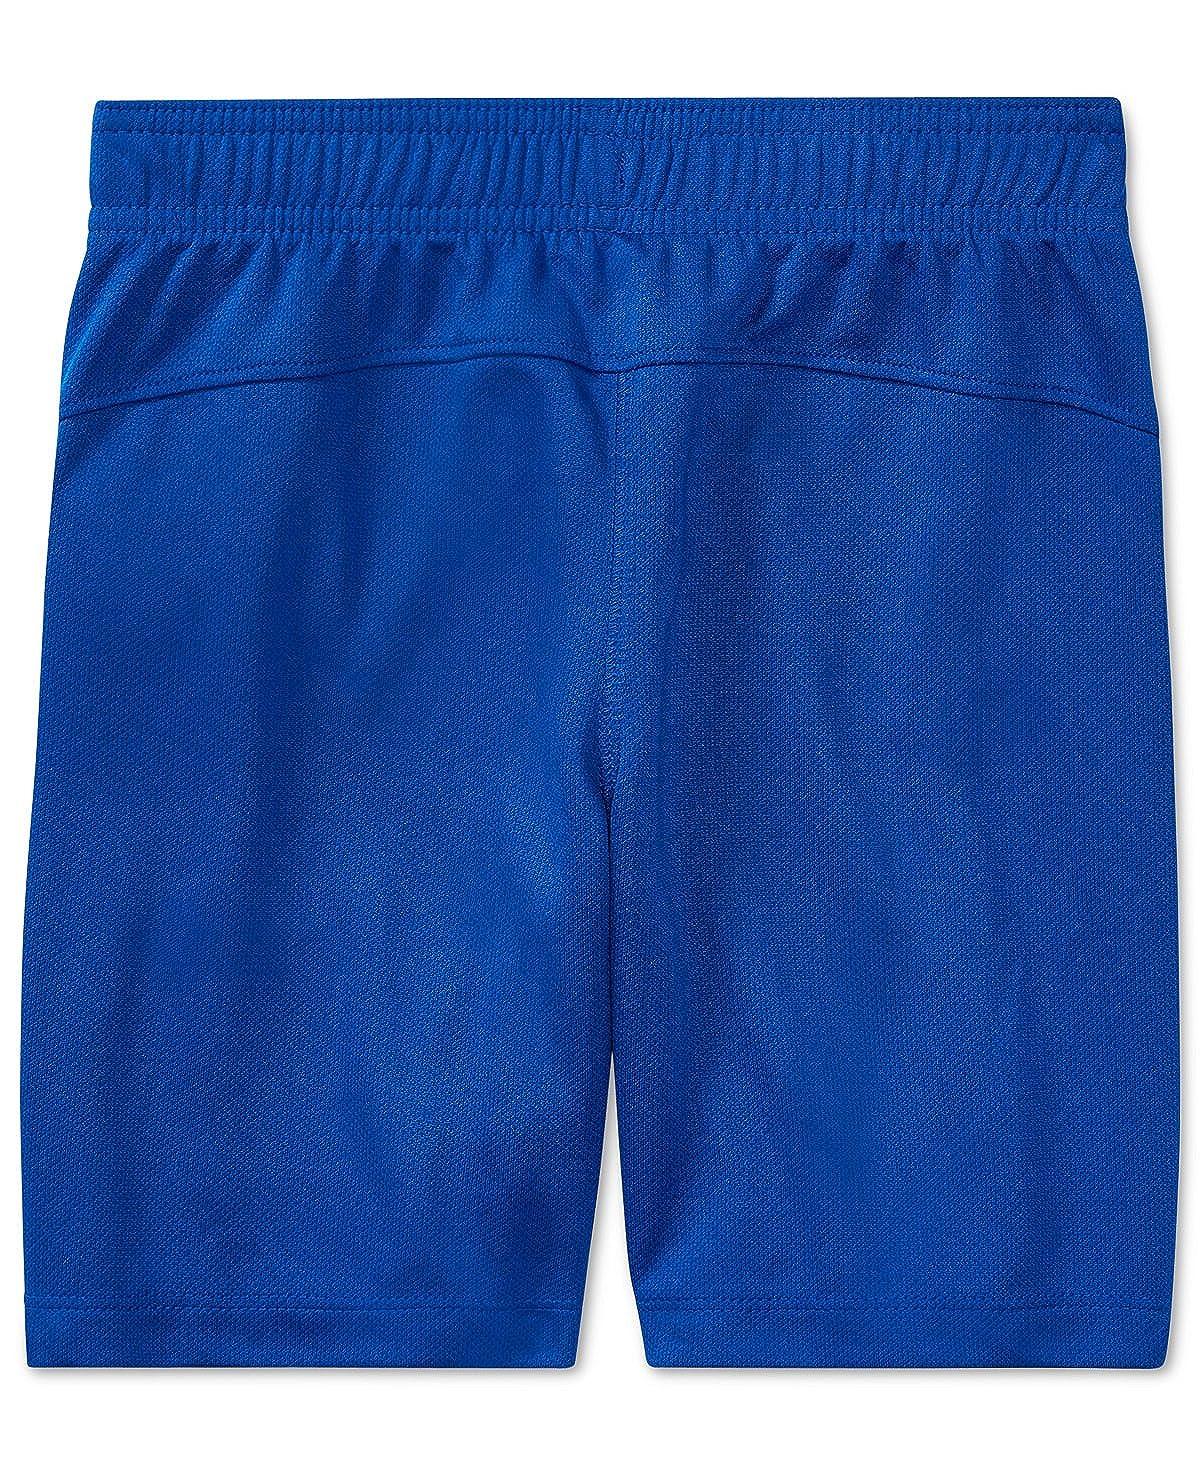 Blue Size 4T RALPH LAUREN Boys Athletic Shorts